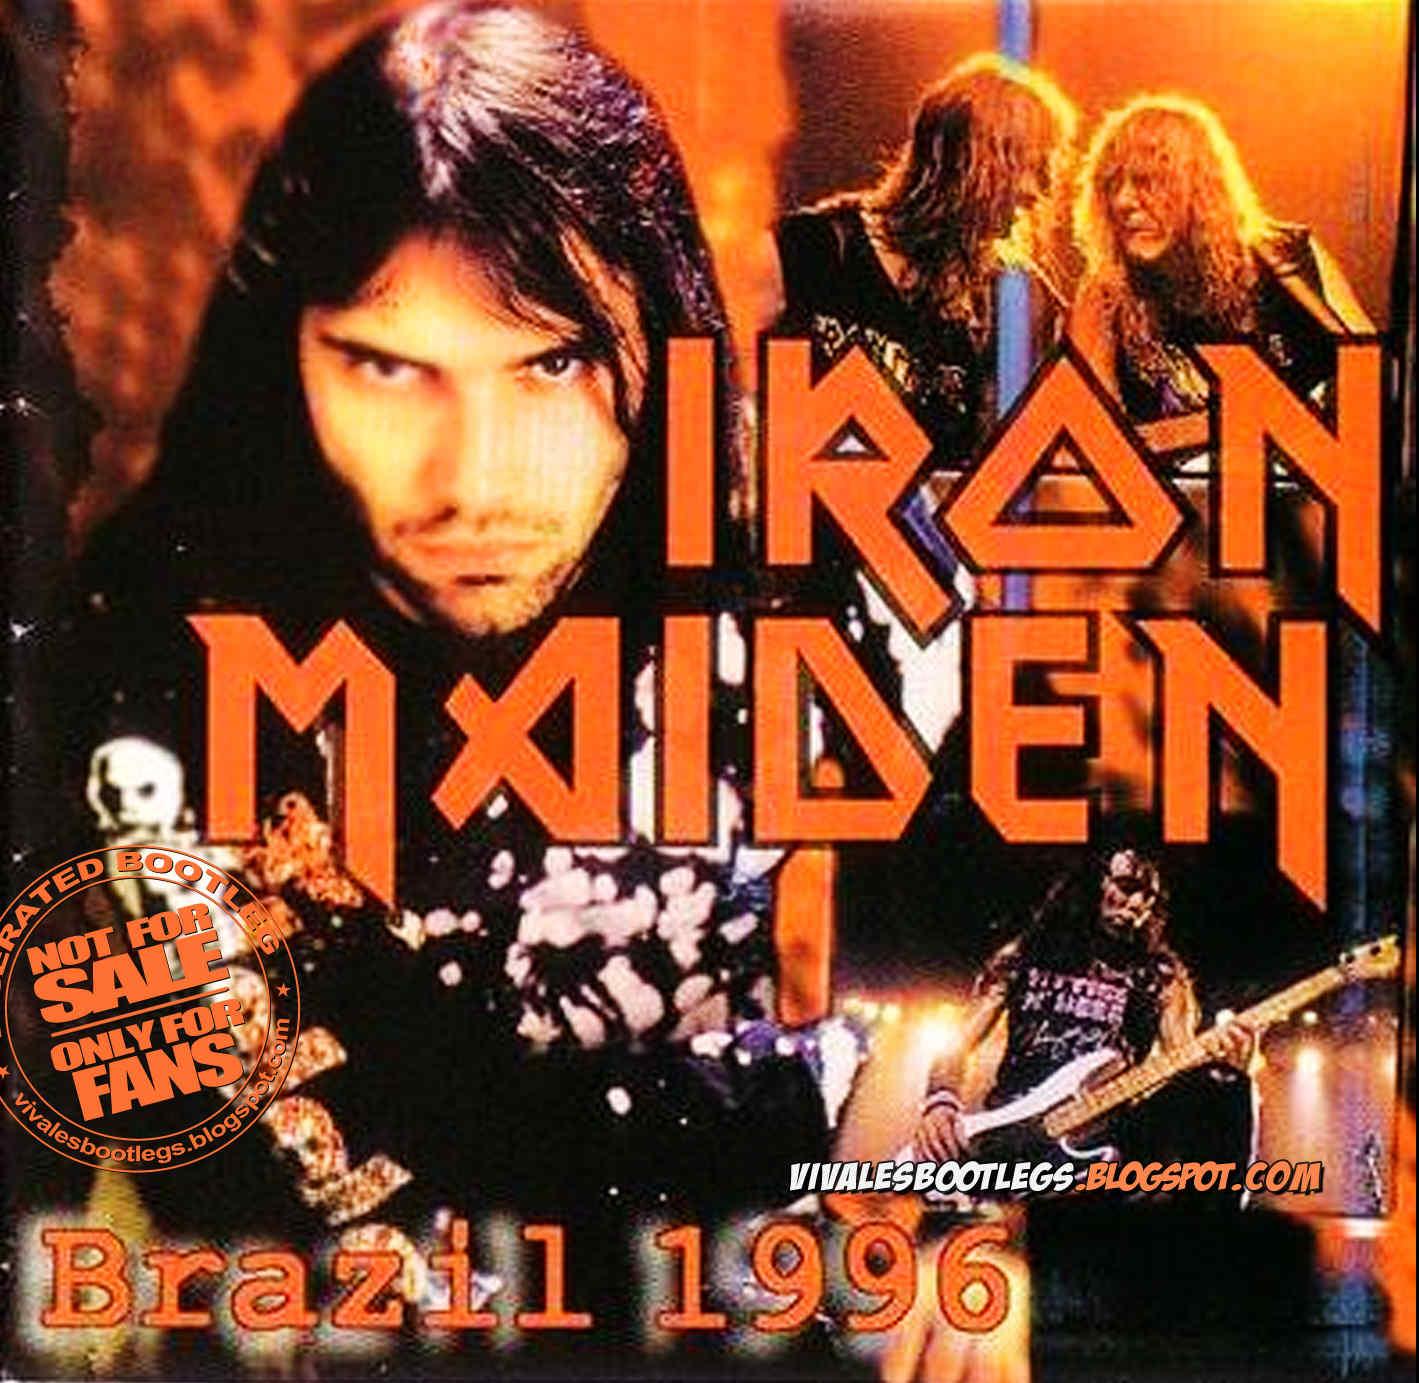 Iron maiden iron maiden mp3 скачать